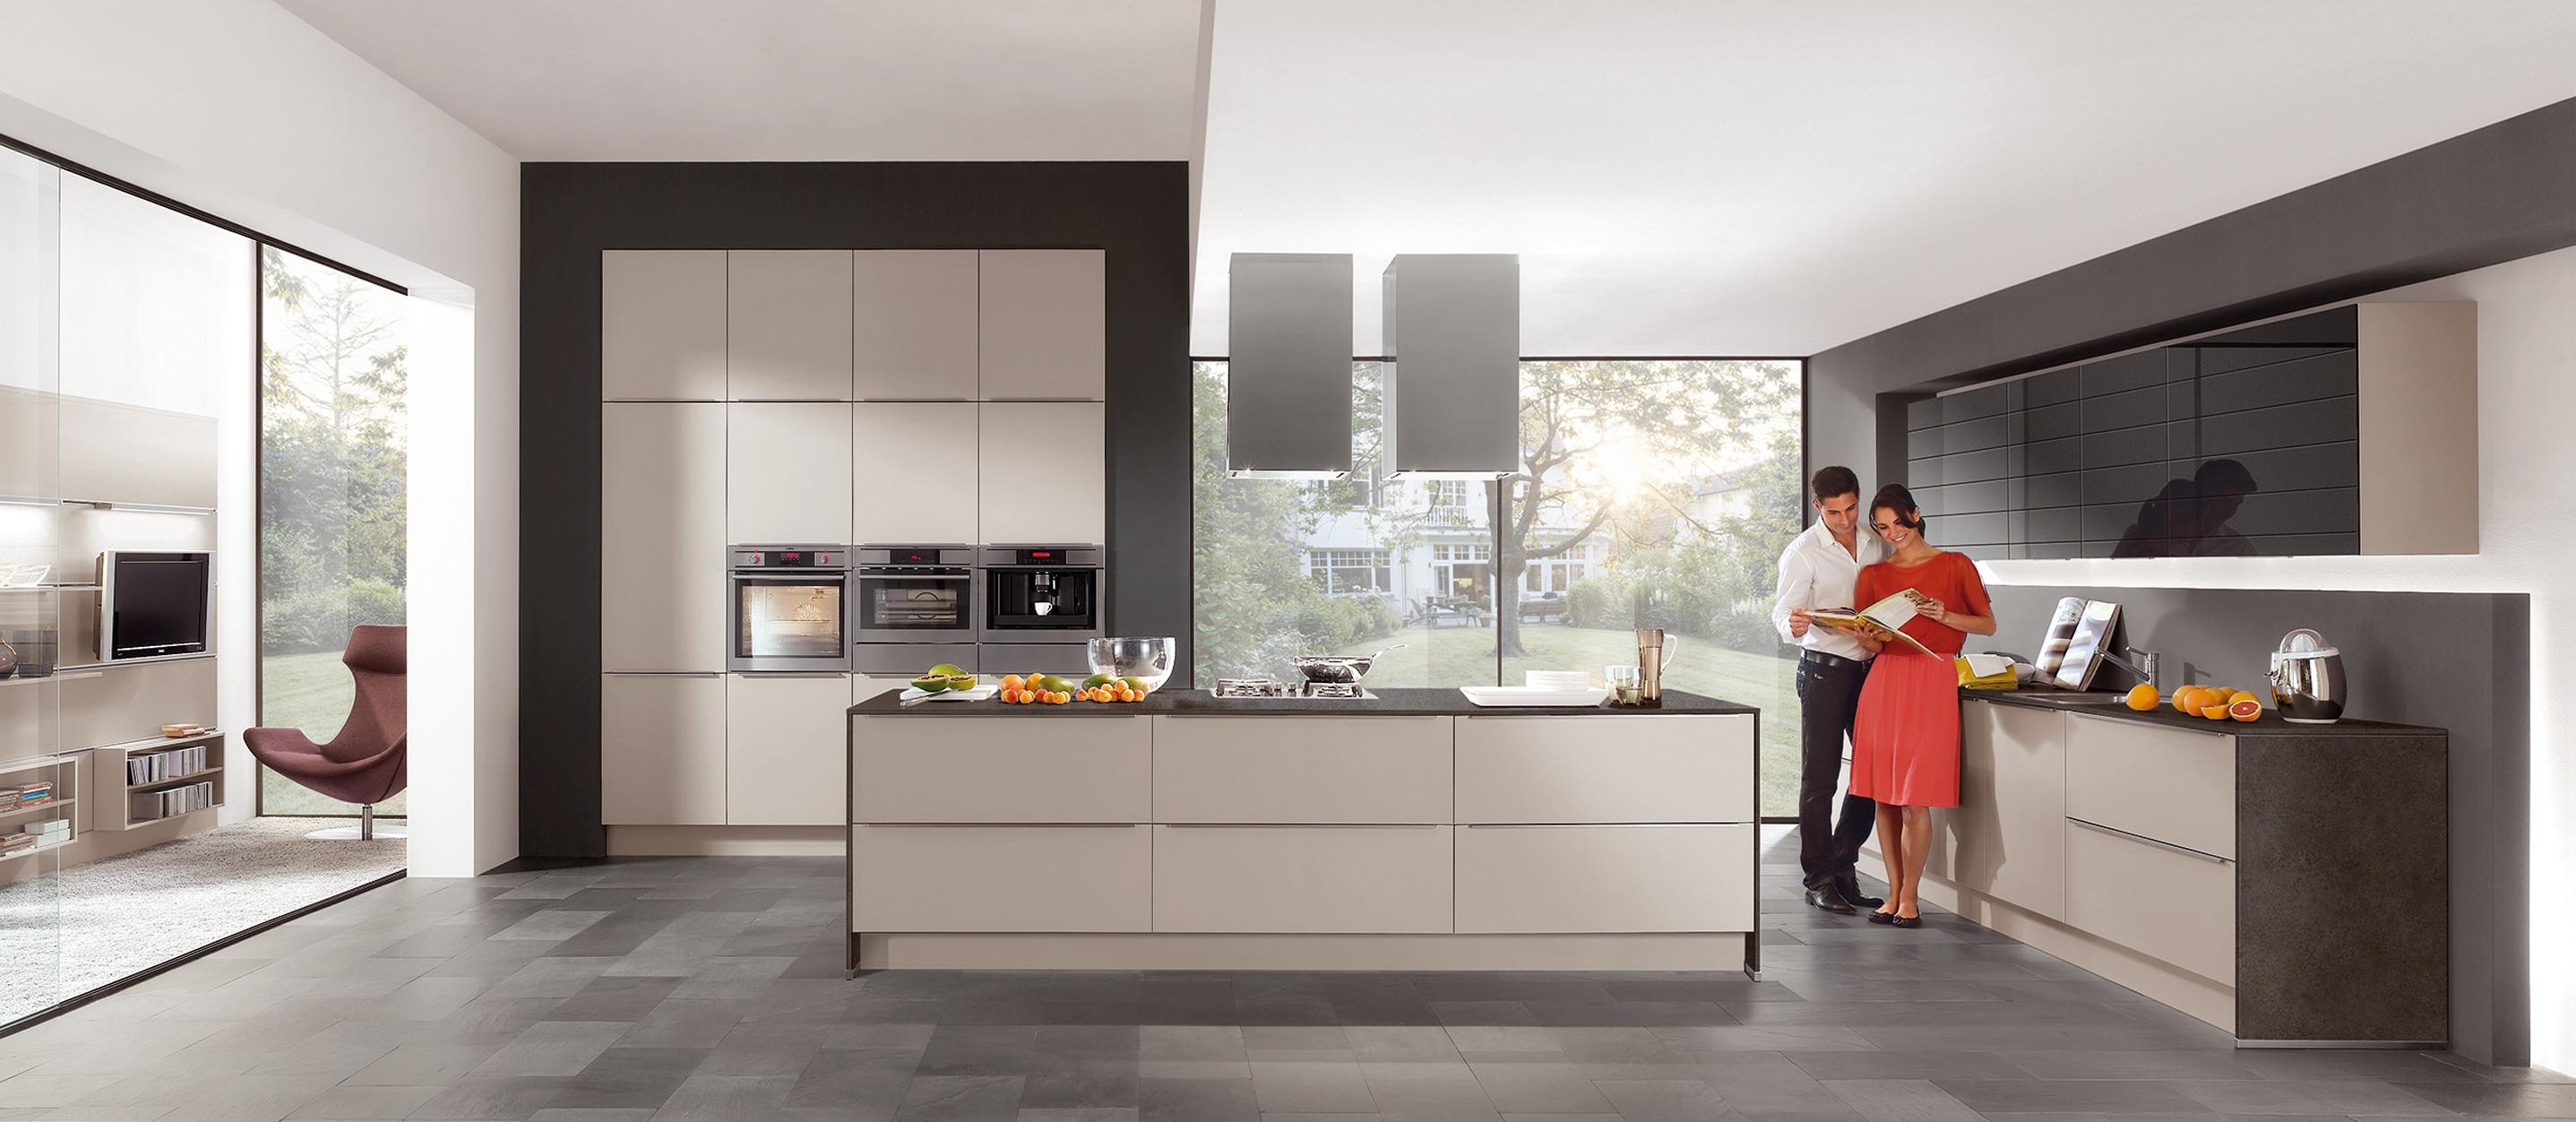 Gut gemocht Moderne Küchen: Gestaltungs- und Planungstipps SF99